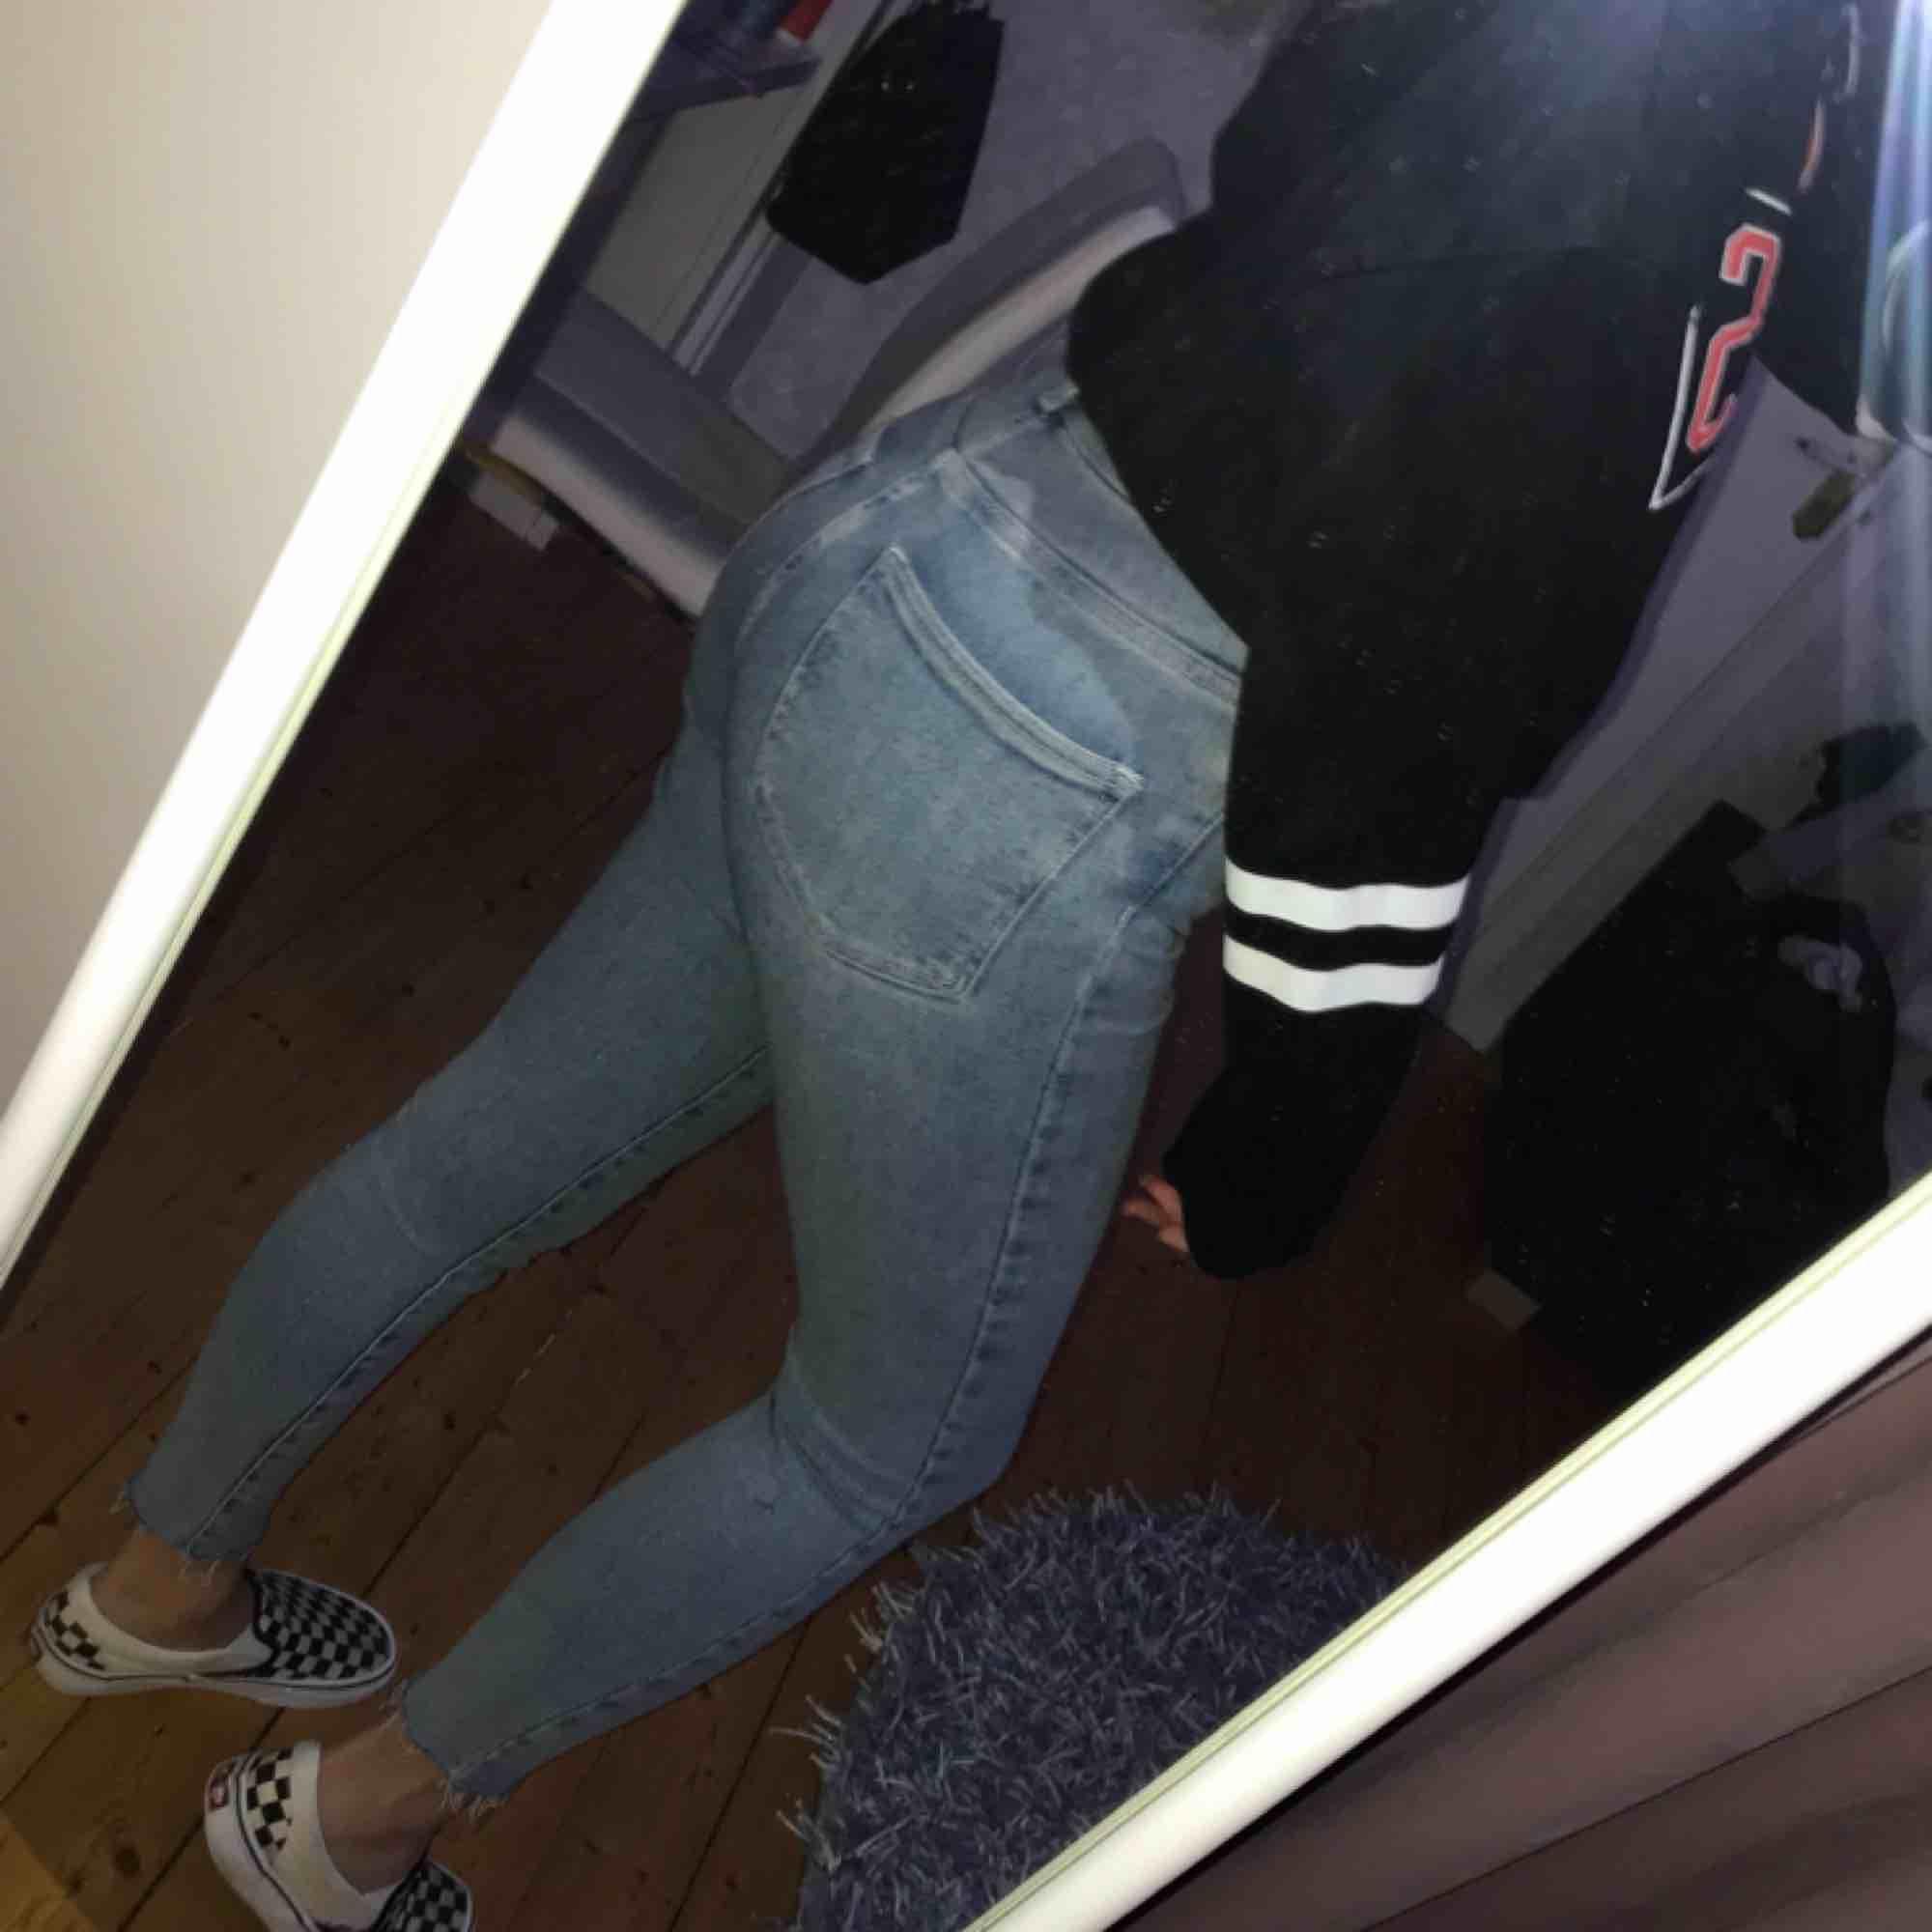 Snyggaste jeansen från Bikbok🔥 slitningar vid foten och perfekt ljus jeans färg! Säljes pga jag tycker de blir för korta på mig, men de är så fina verkligen! I nyskick. Fler bilder kan skickas vid intresse. Nypris:599:-. Jeans & Byxor.